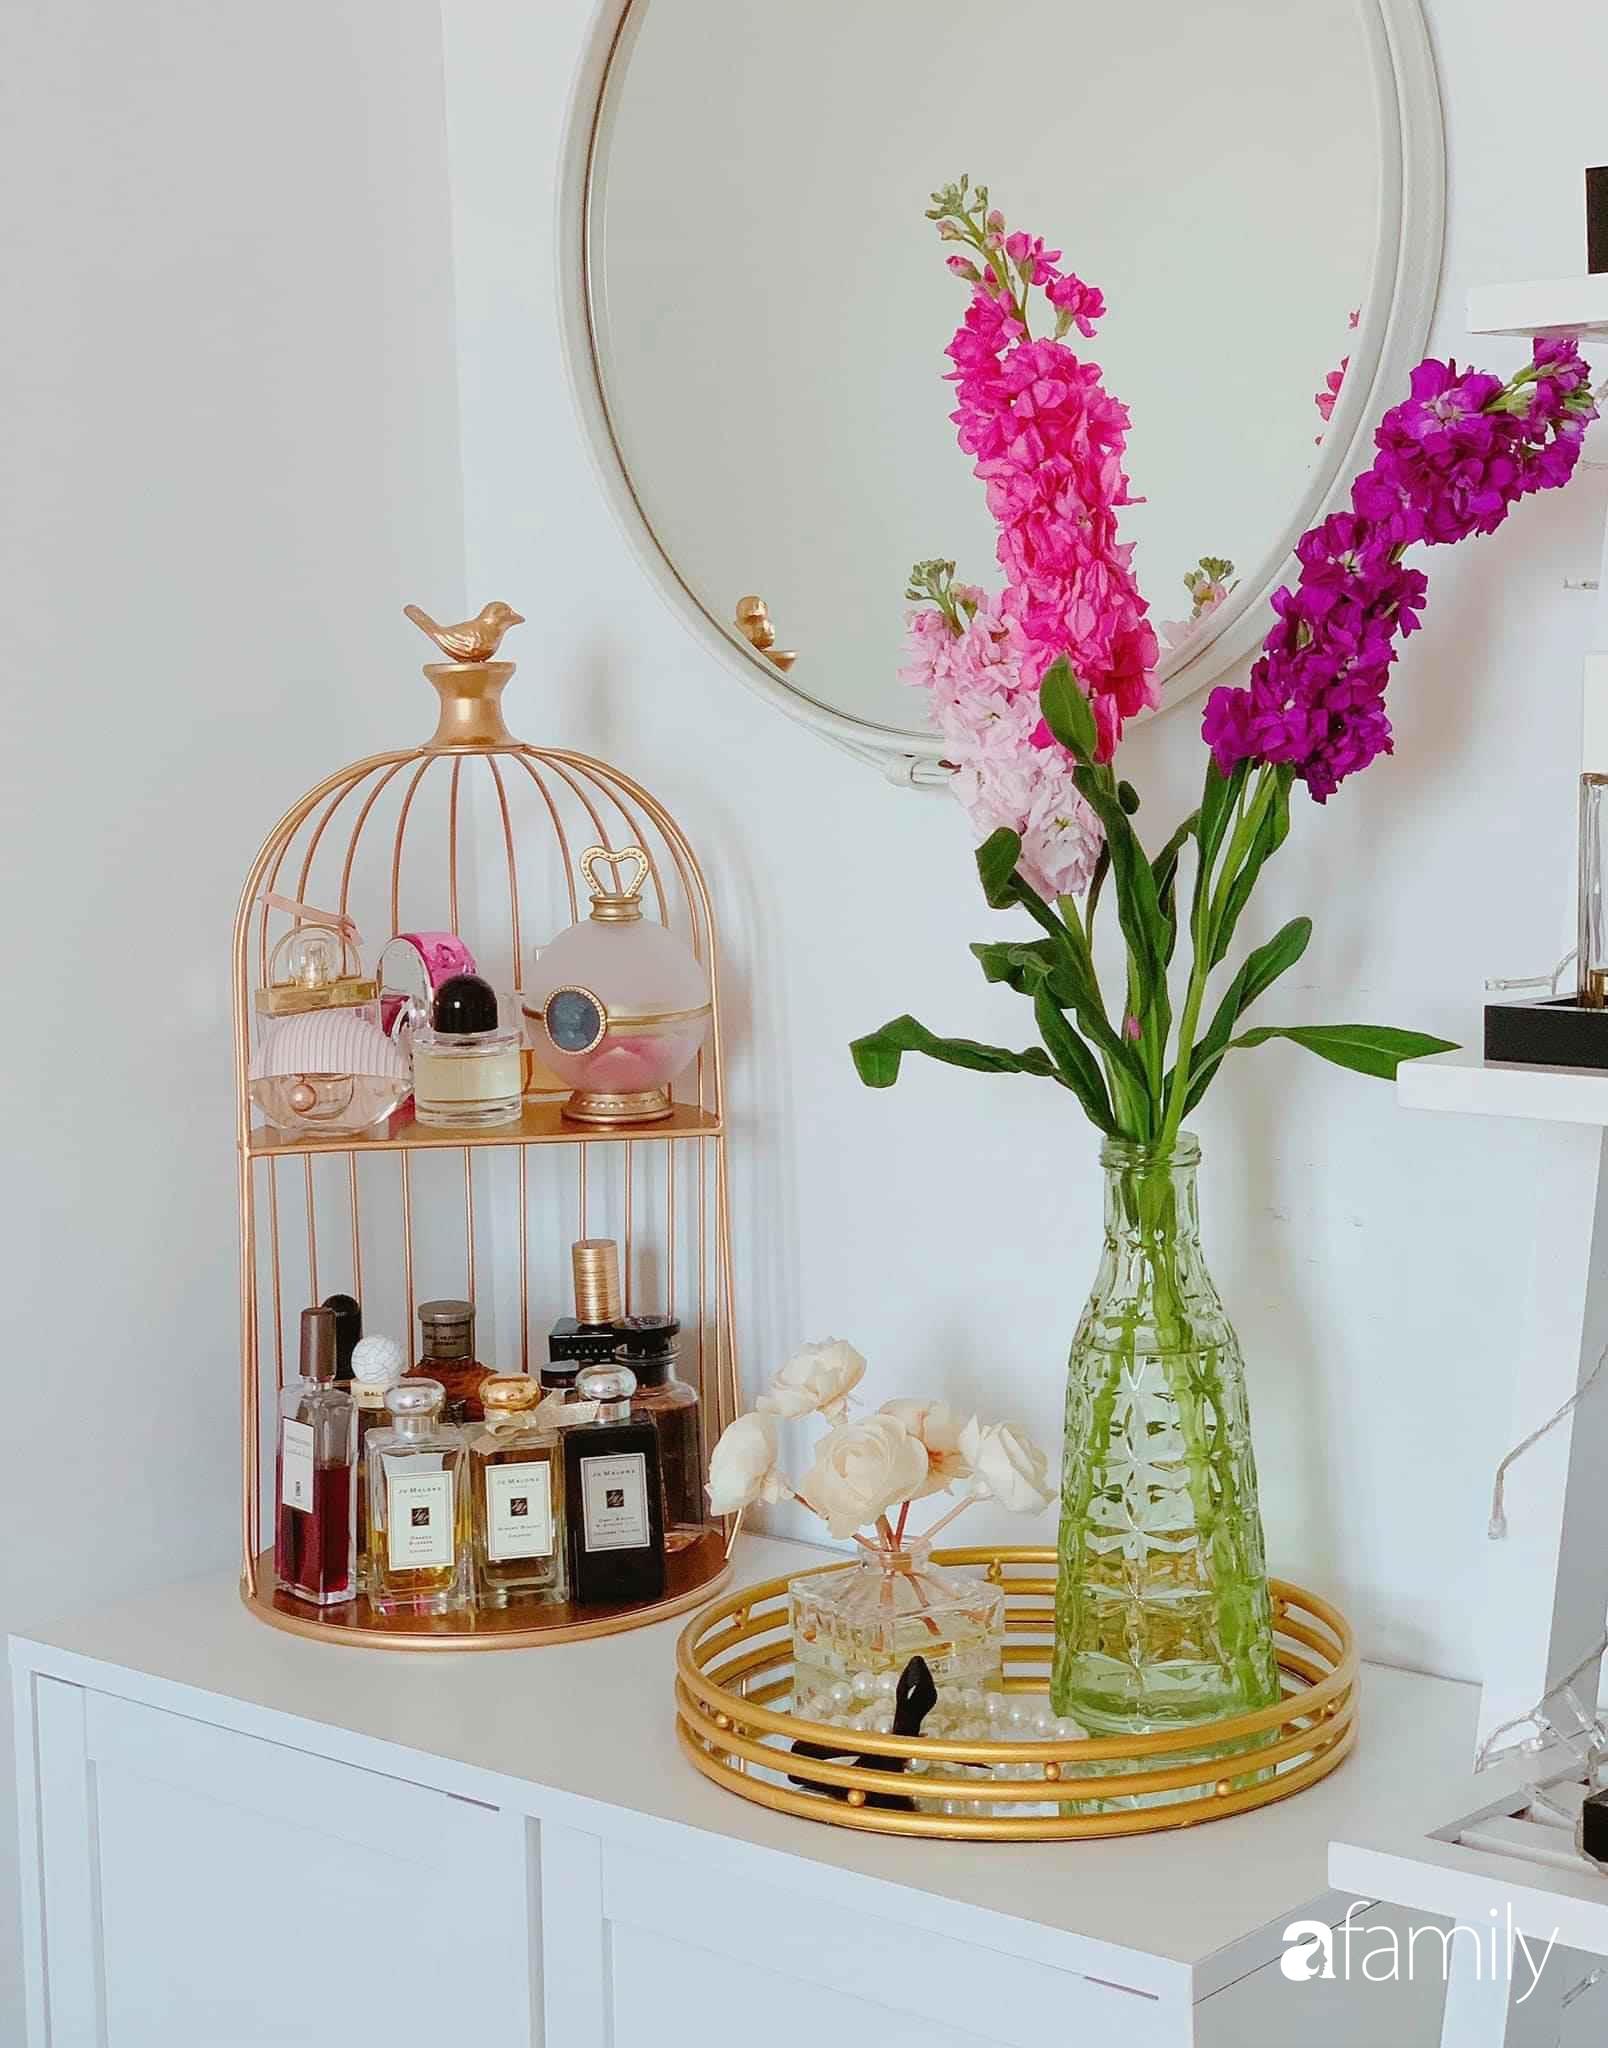 Bí quyết decor căn hộ 60m² luôn ngọt ngào và thoảng nhẹ hương thơm dịu dàng ở Hà Nội - Ảnh 14.